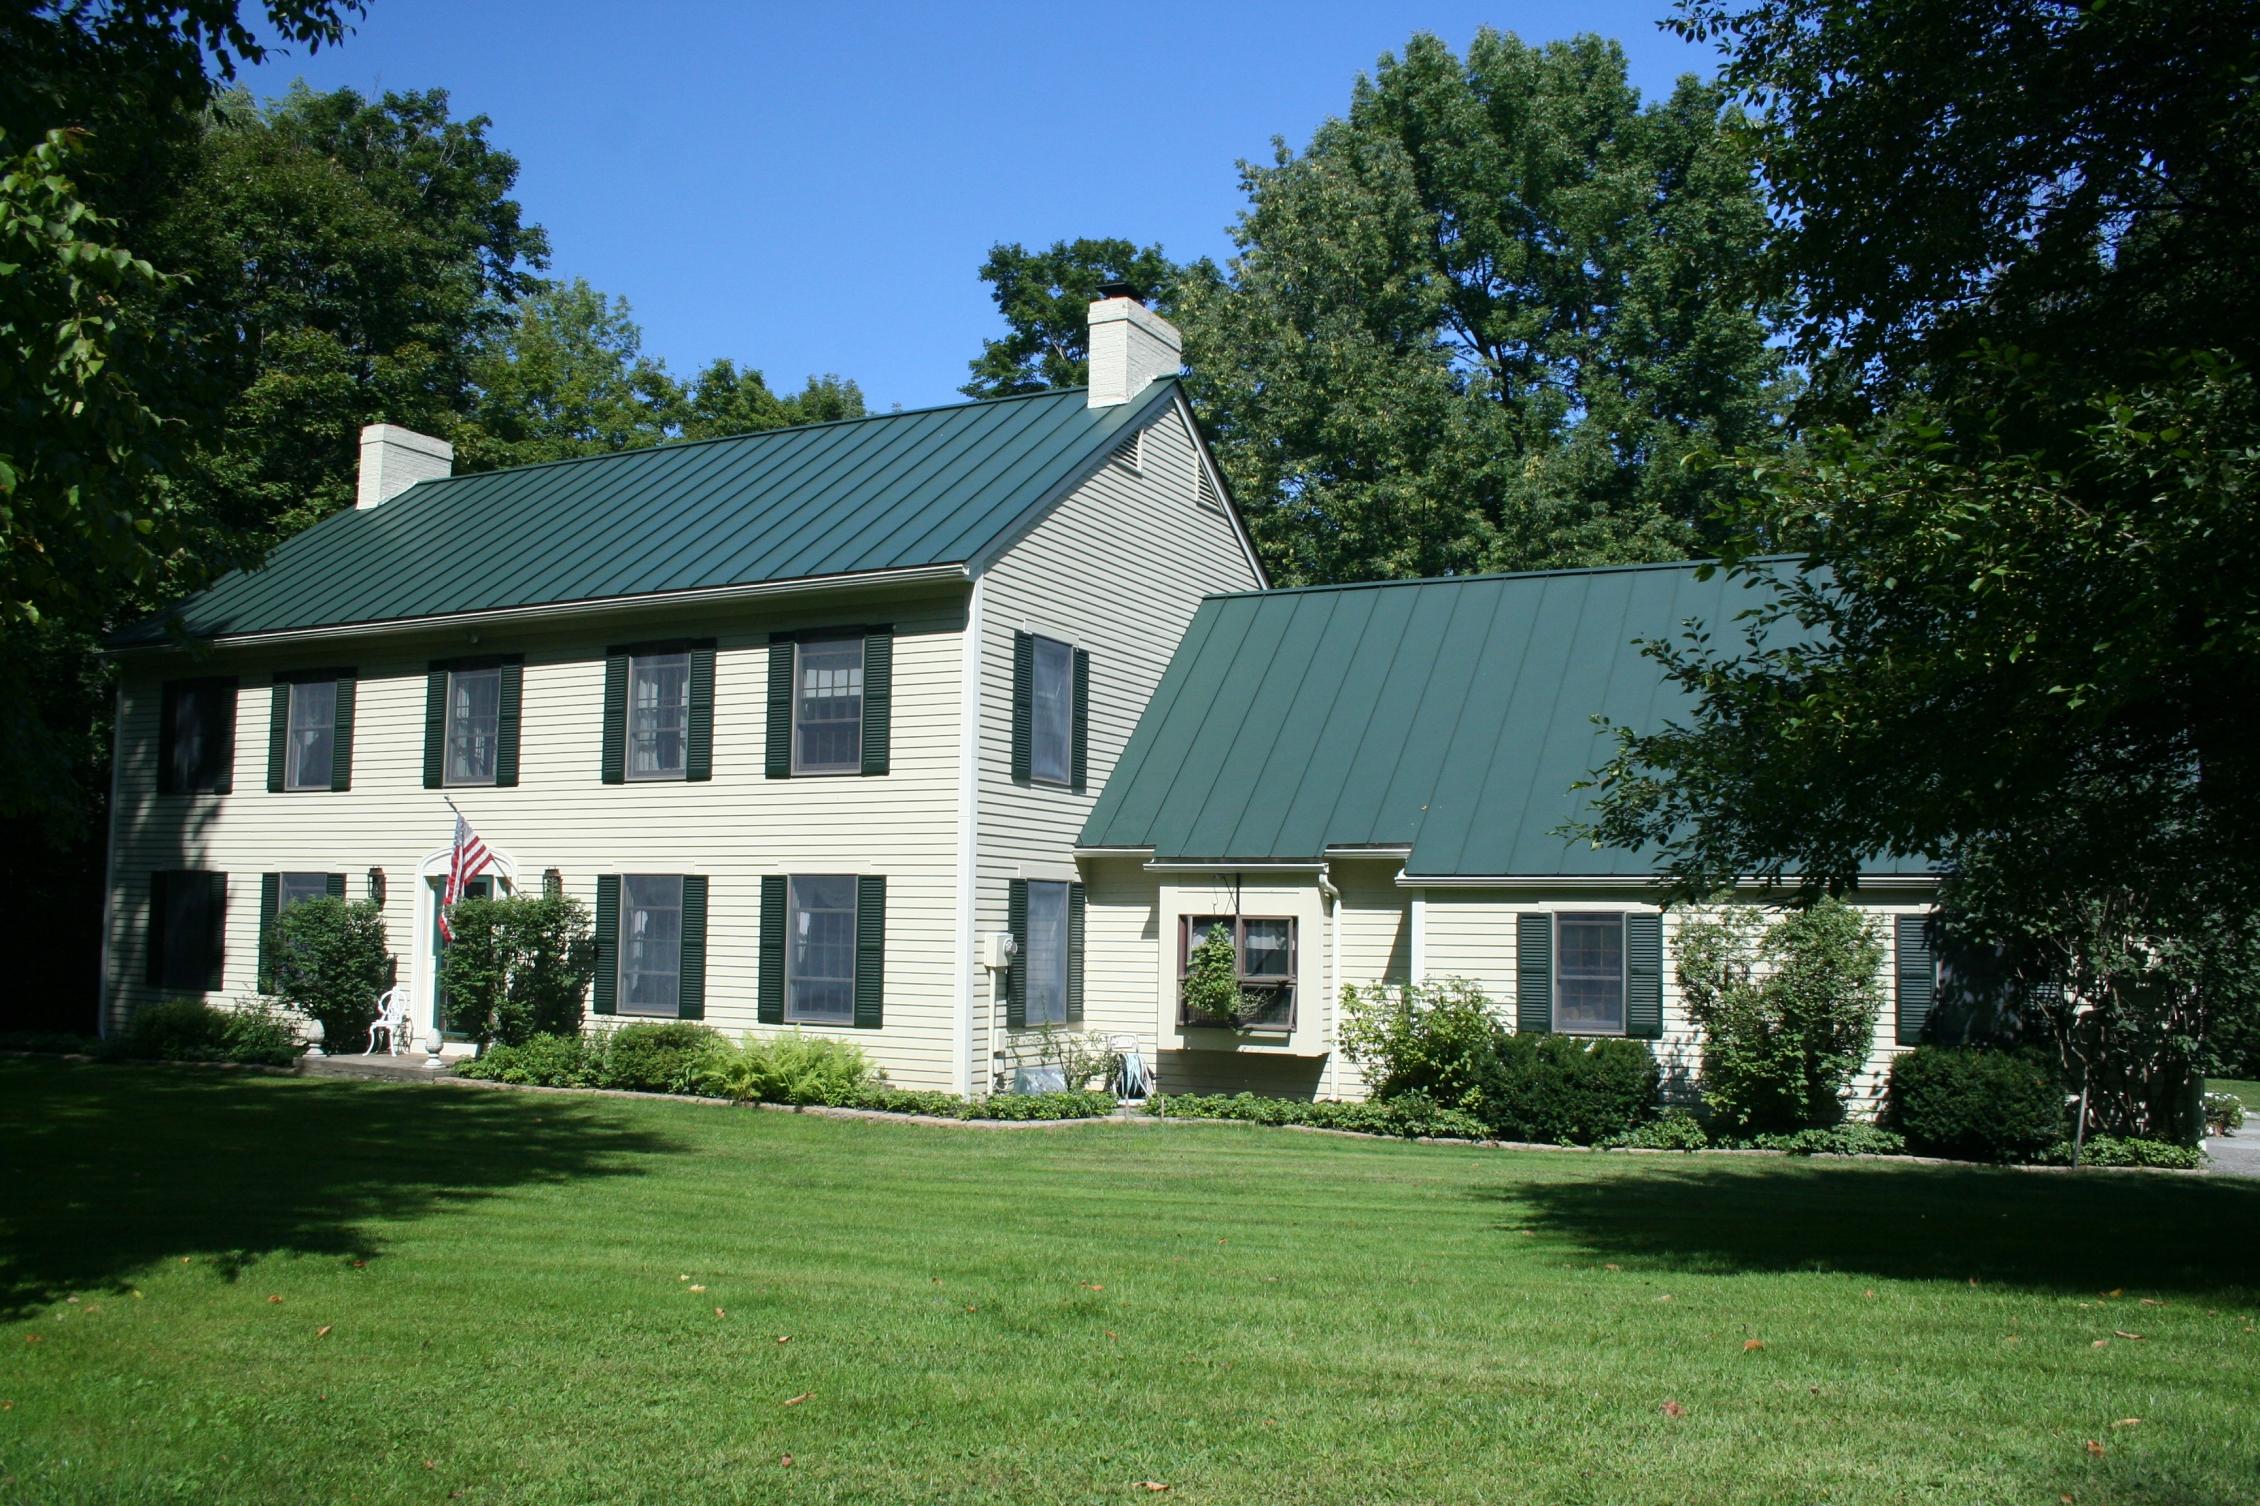 단독 가정 주택 용 매매 에 18 Montview Dr, Hanover Hanover, 뉴햄프셔, 03755 미국